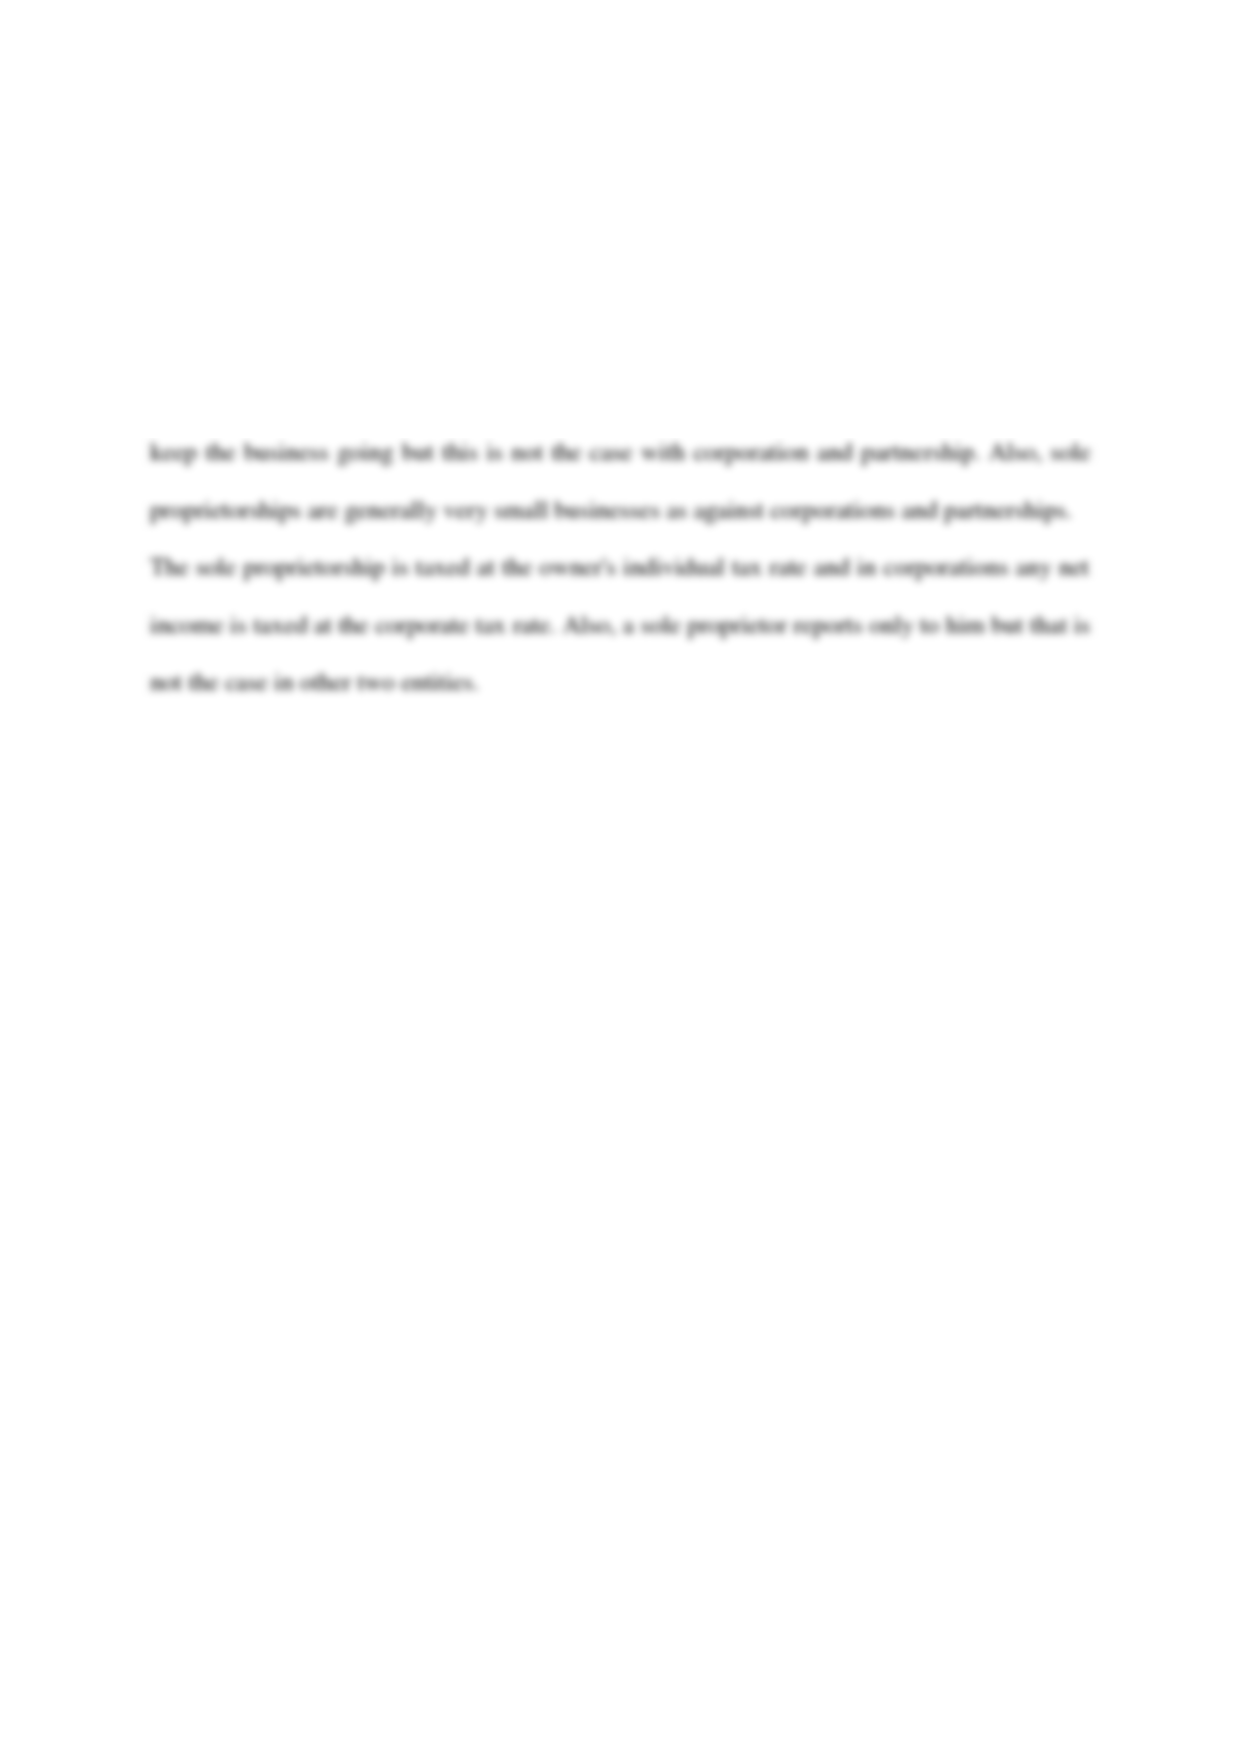 compare and contrast the characteristics of the main types of compare and contrast the characteristics of the 3 main types of business entities the three main types of business entities are sole proprietorship